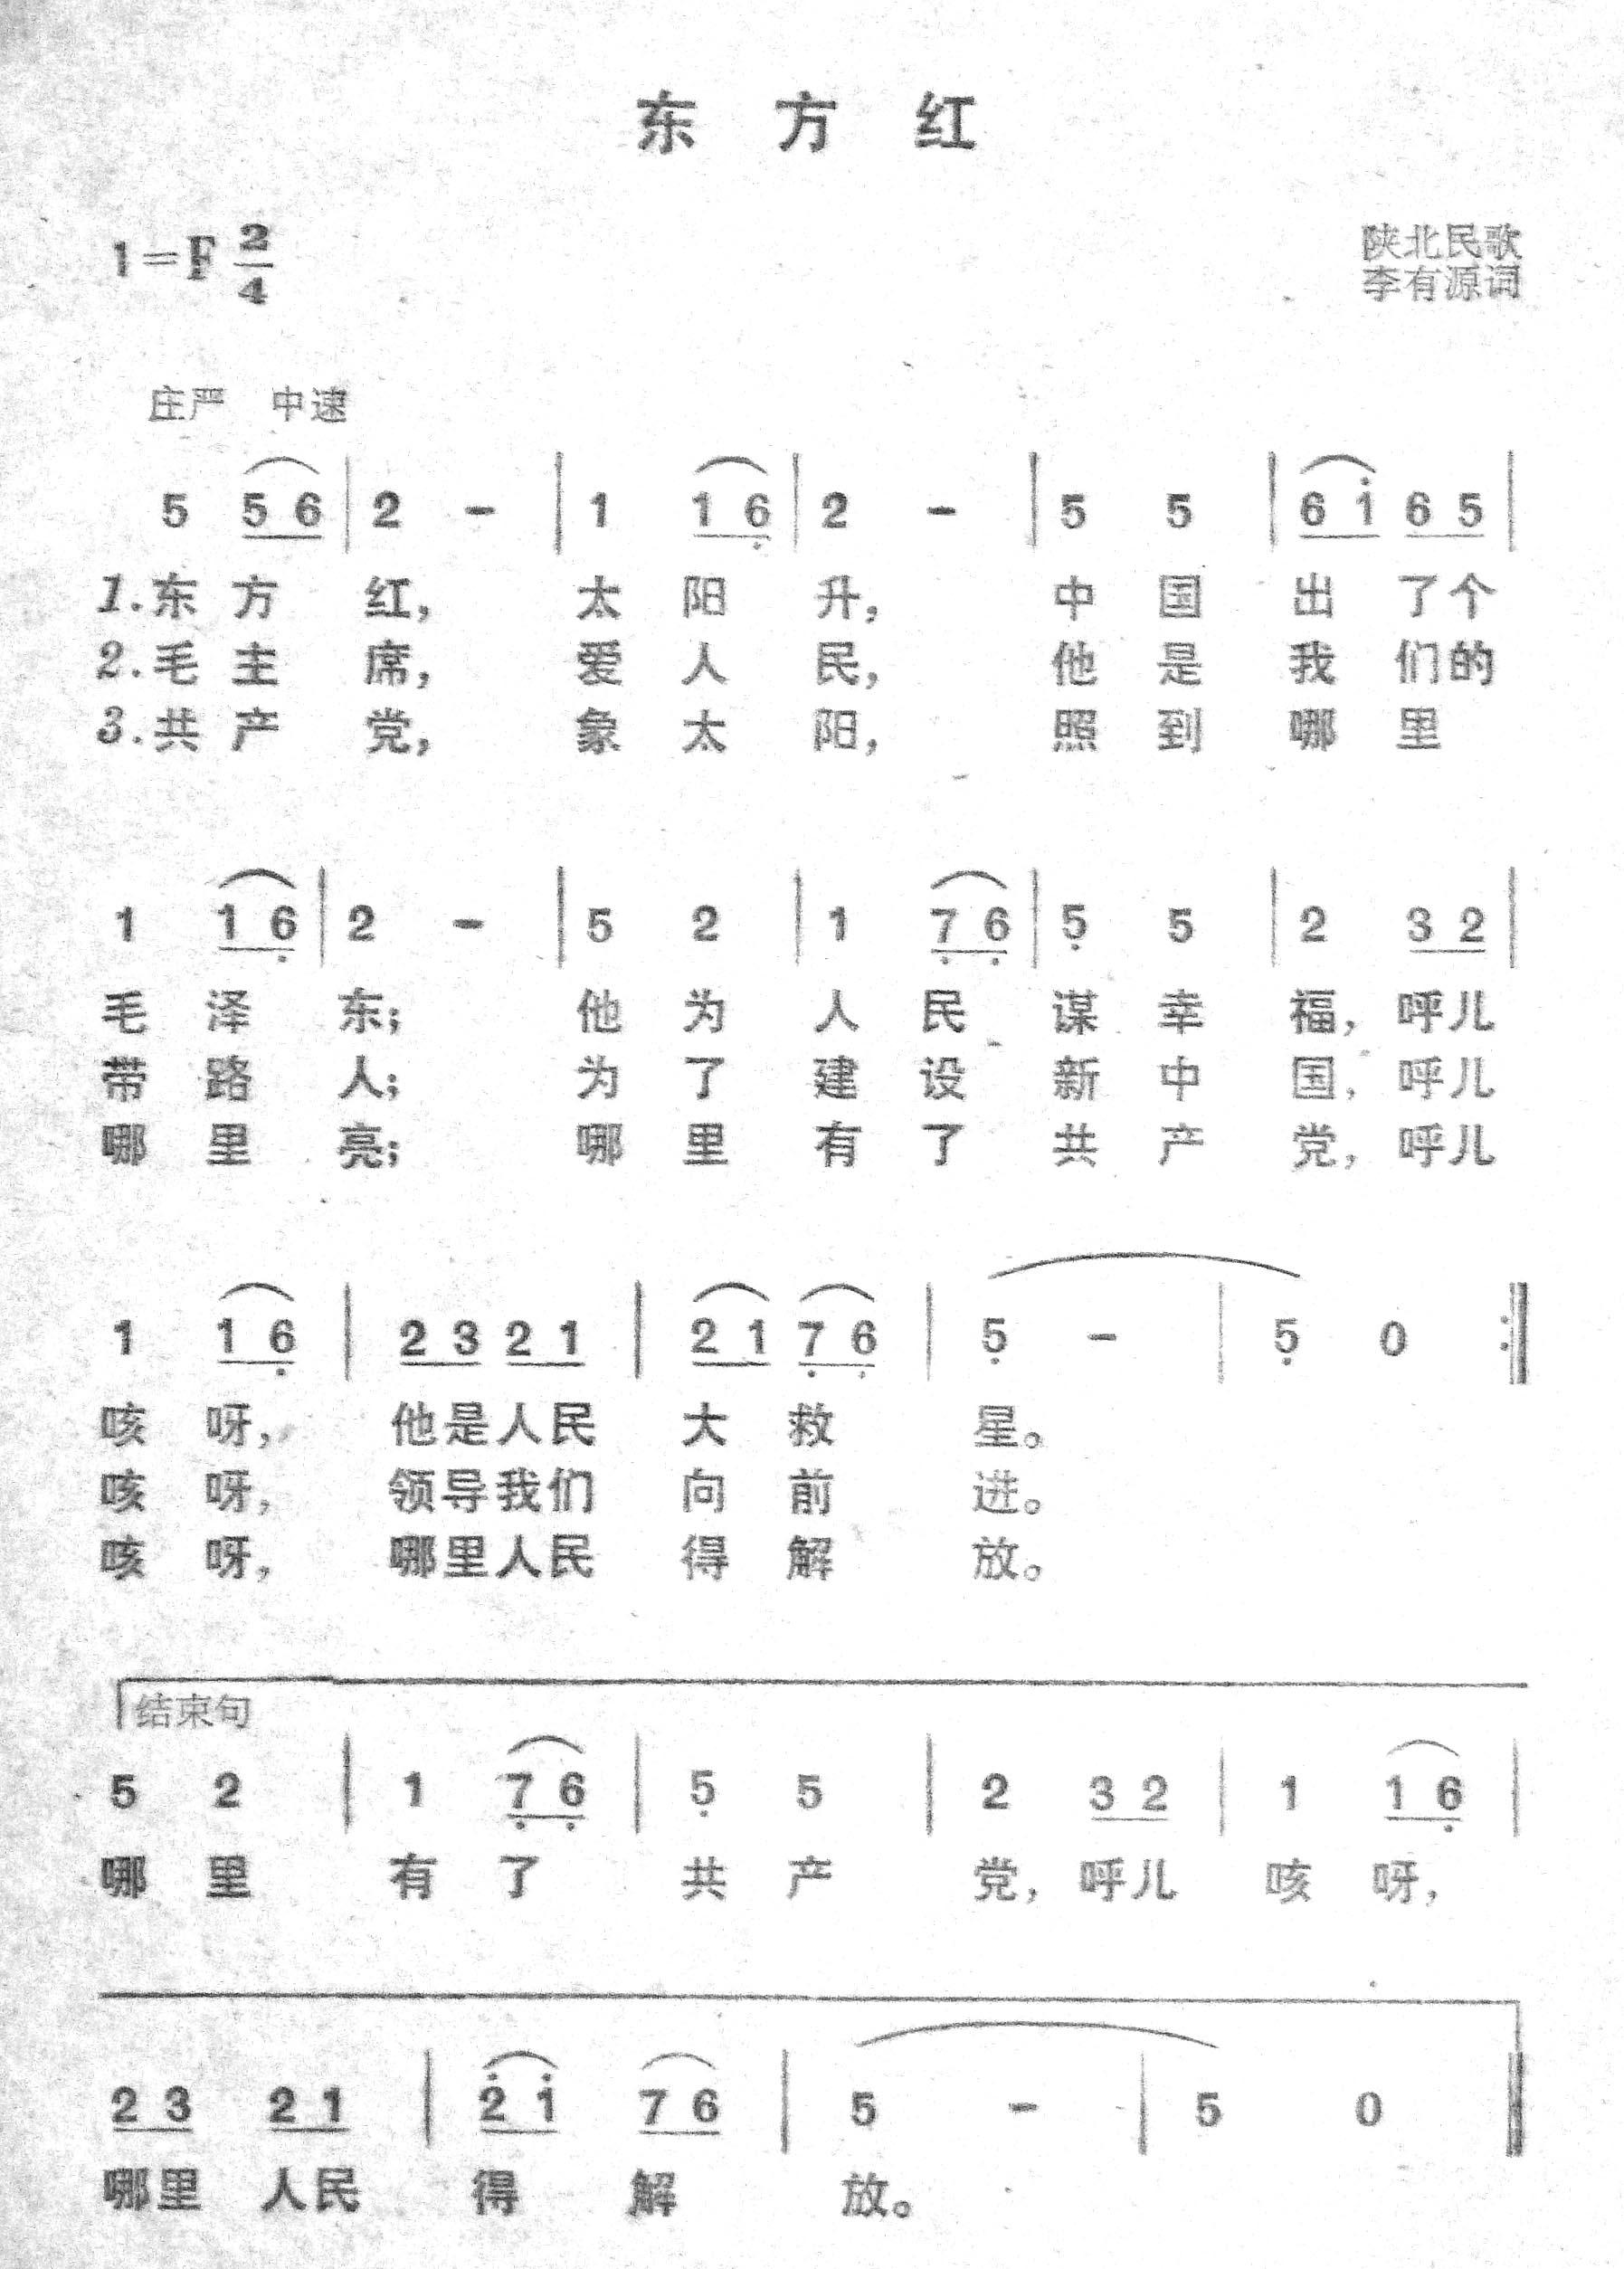 歌曲东方红简谱歌谱分享_歌曲东方红简谱歌谱图片图片